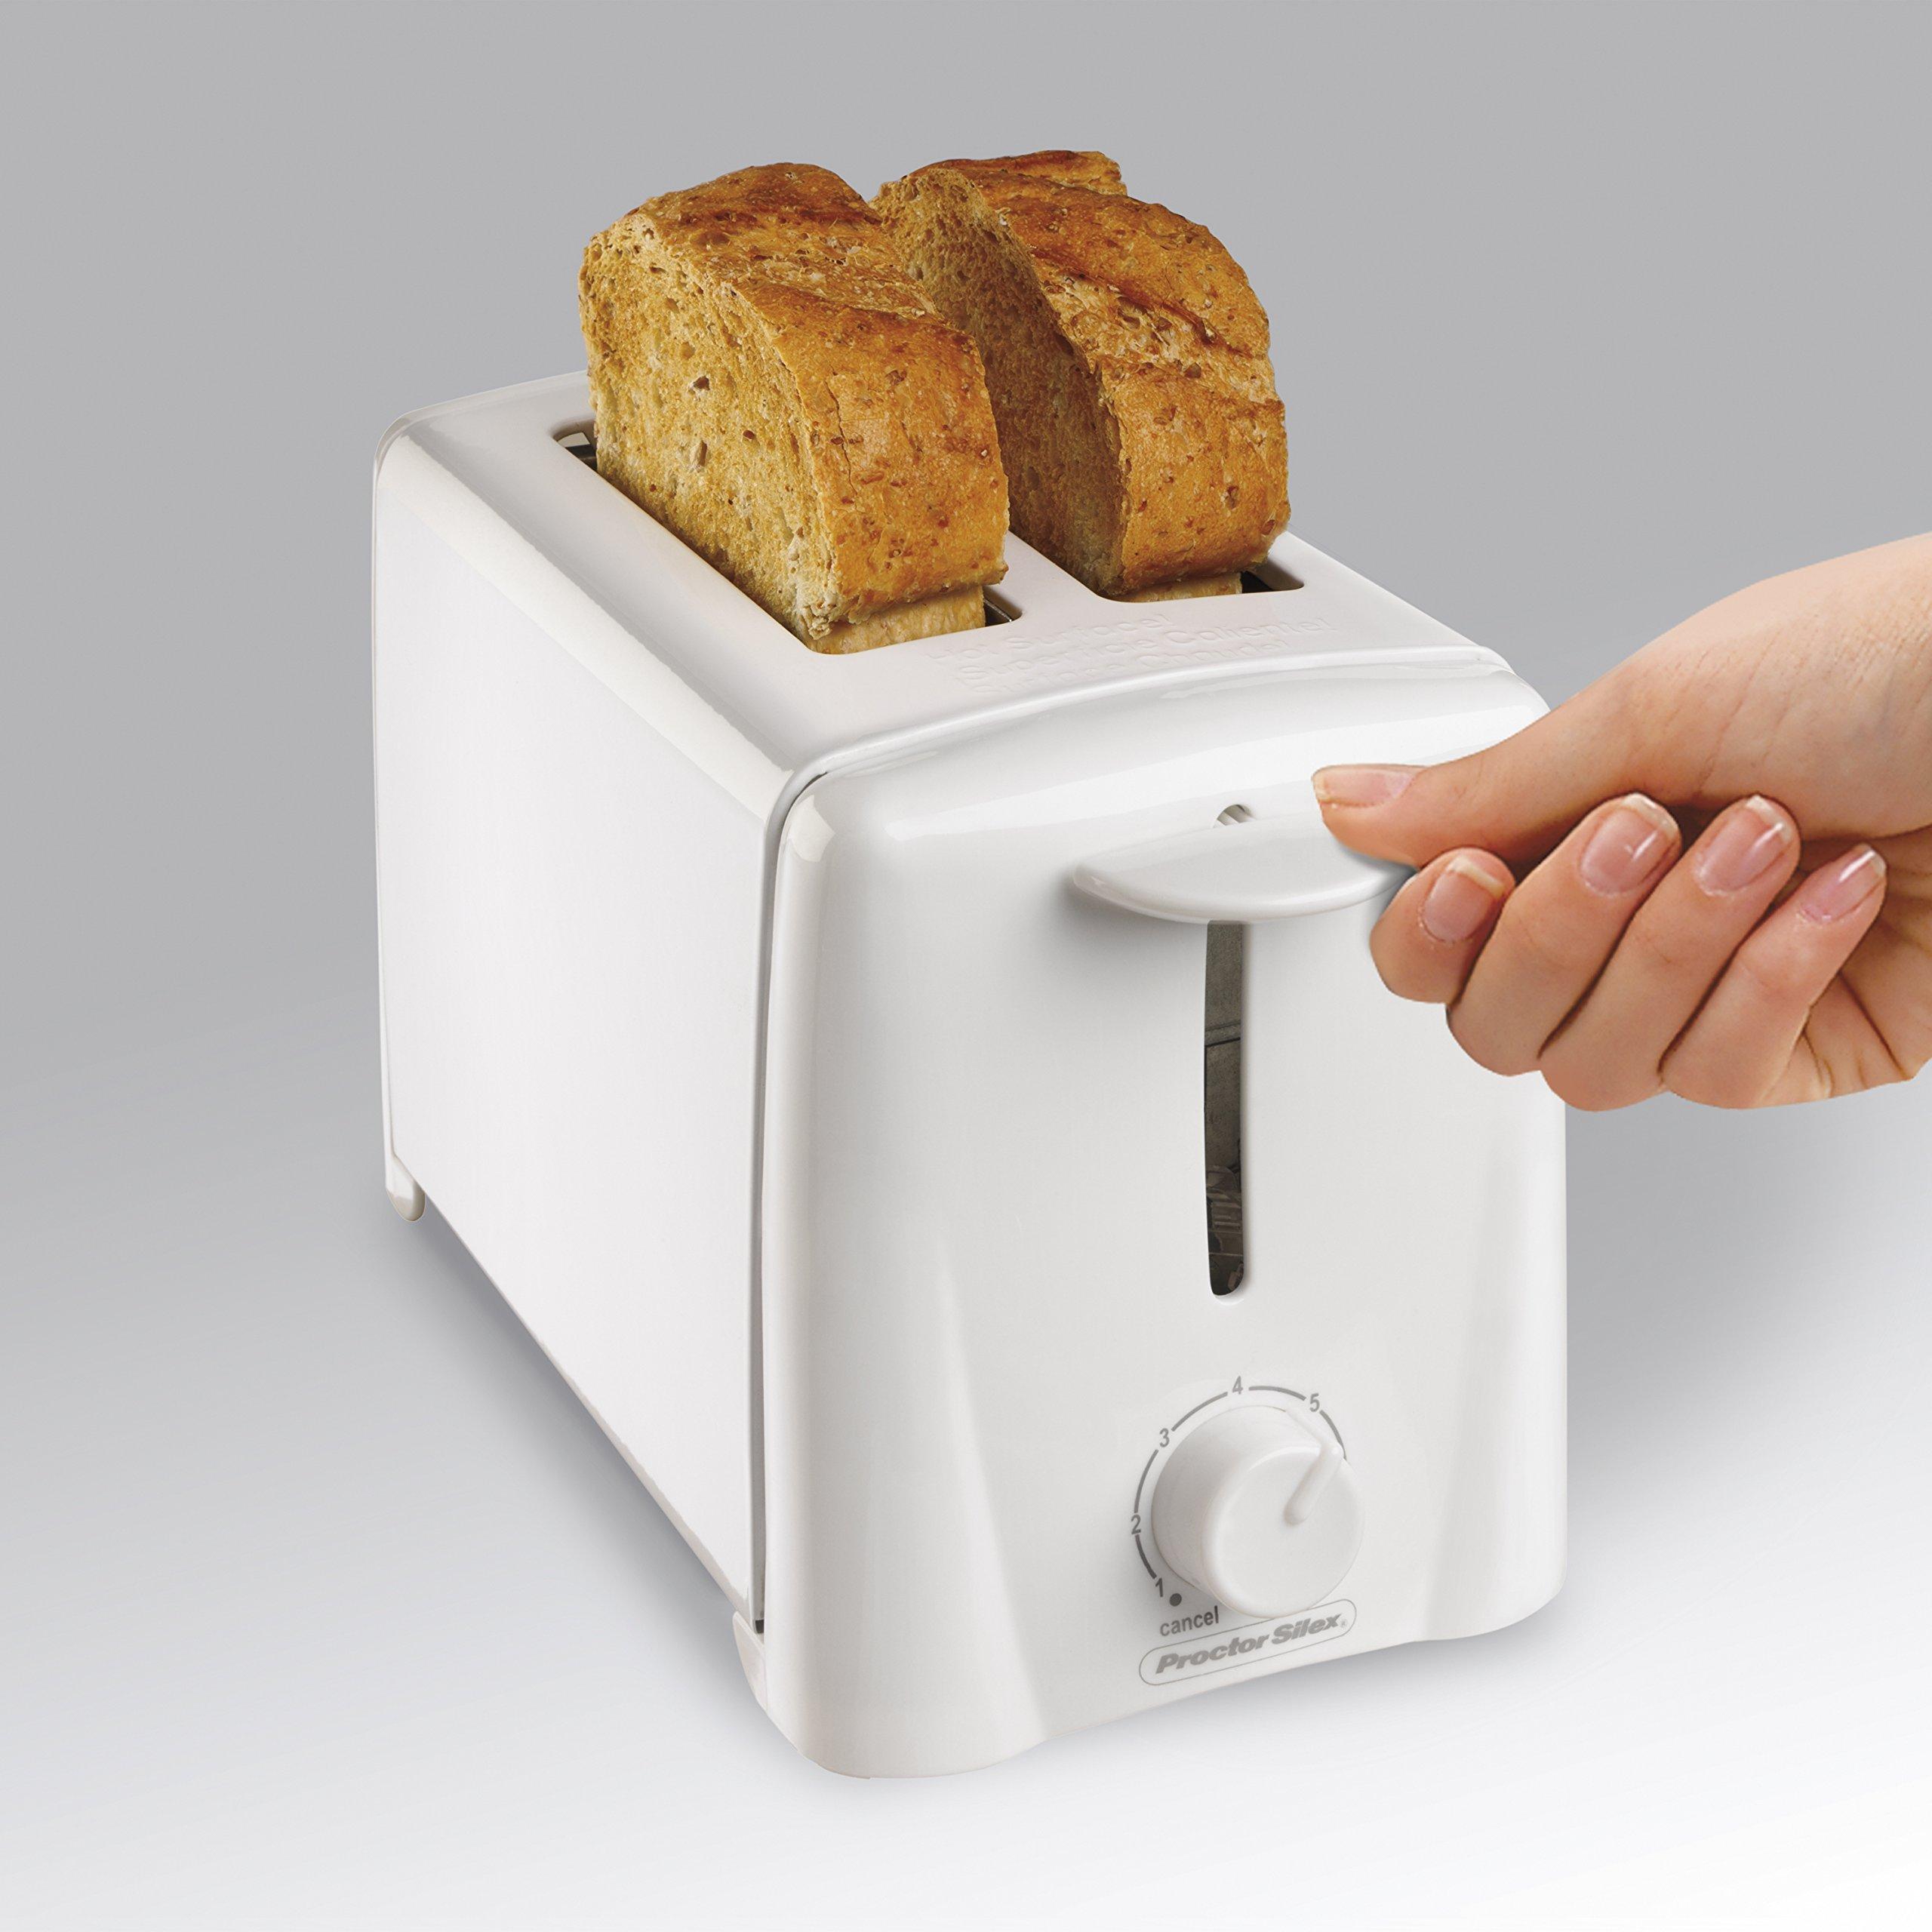 Proctor Silex 22611 2-Slice Toaster (22611)